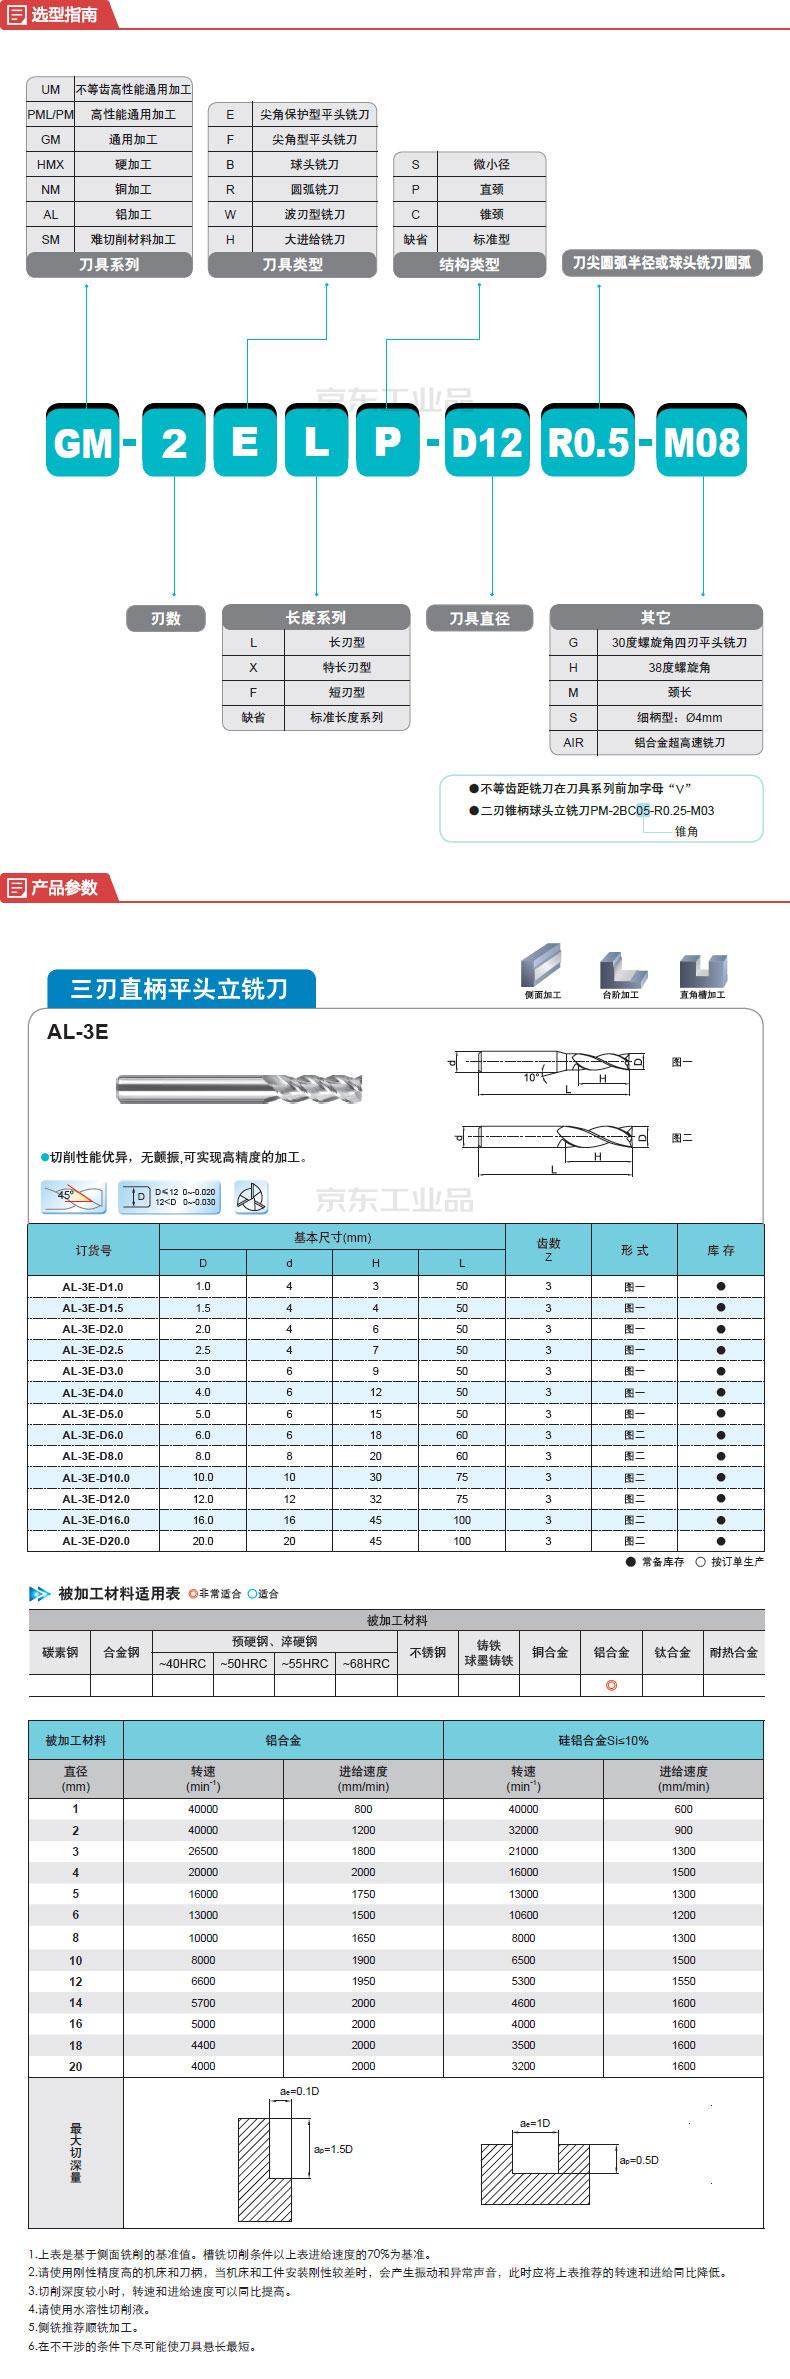 株洲钻石 铝用整体硬质合金平头立铣刀;AL-3E-D6.0 YK30F